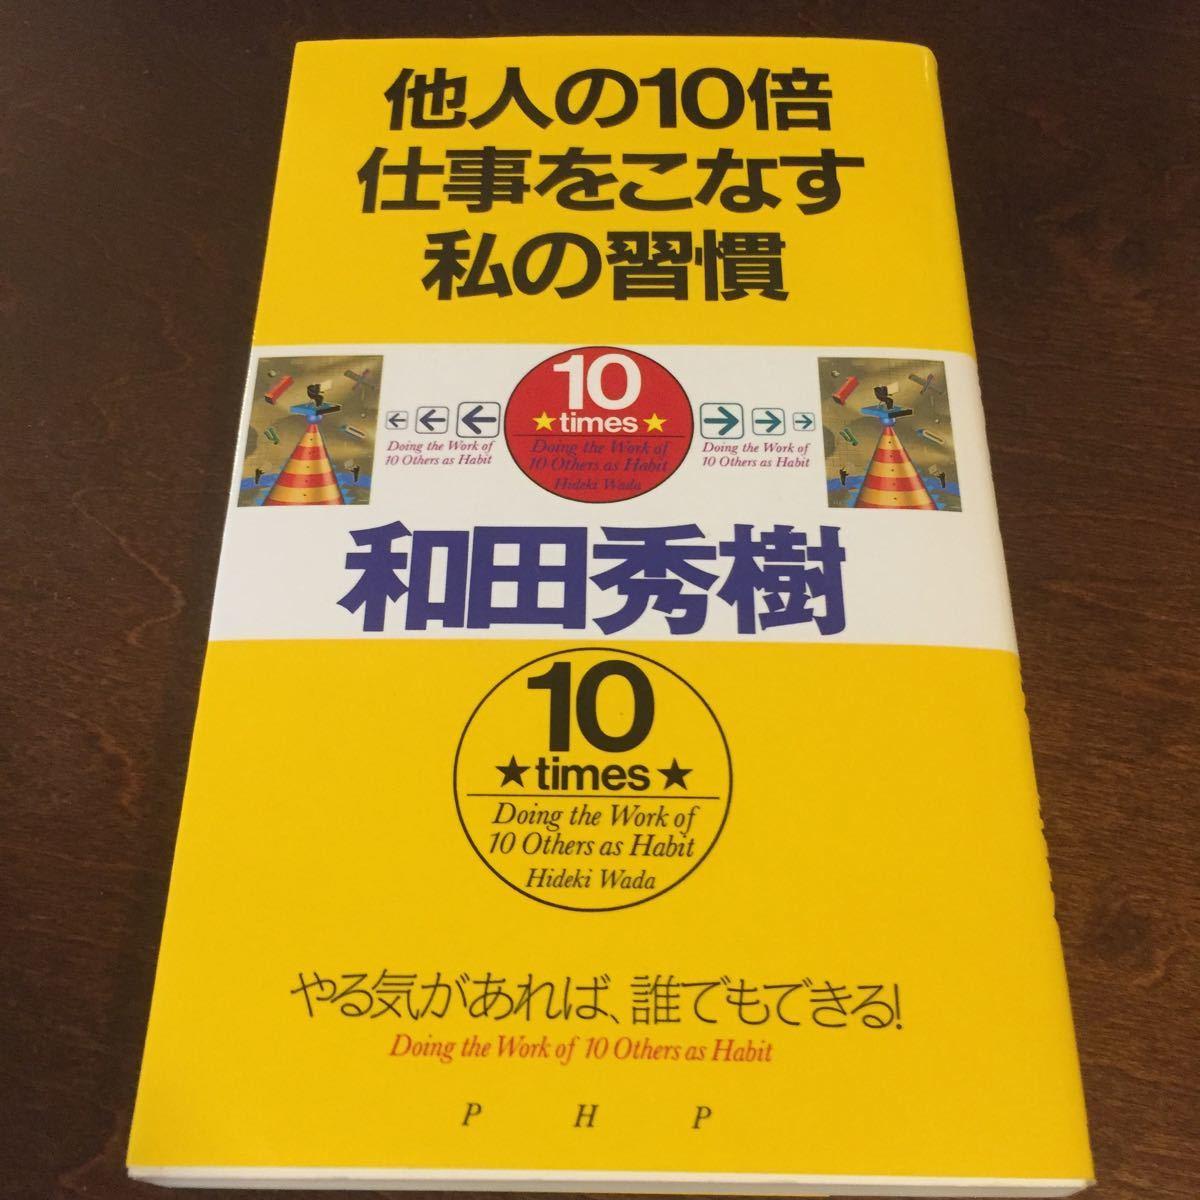 他人の10倍仕事をこなす私の習慣 やる気があれば、誰でもできる!  /和田秀樹